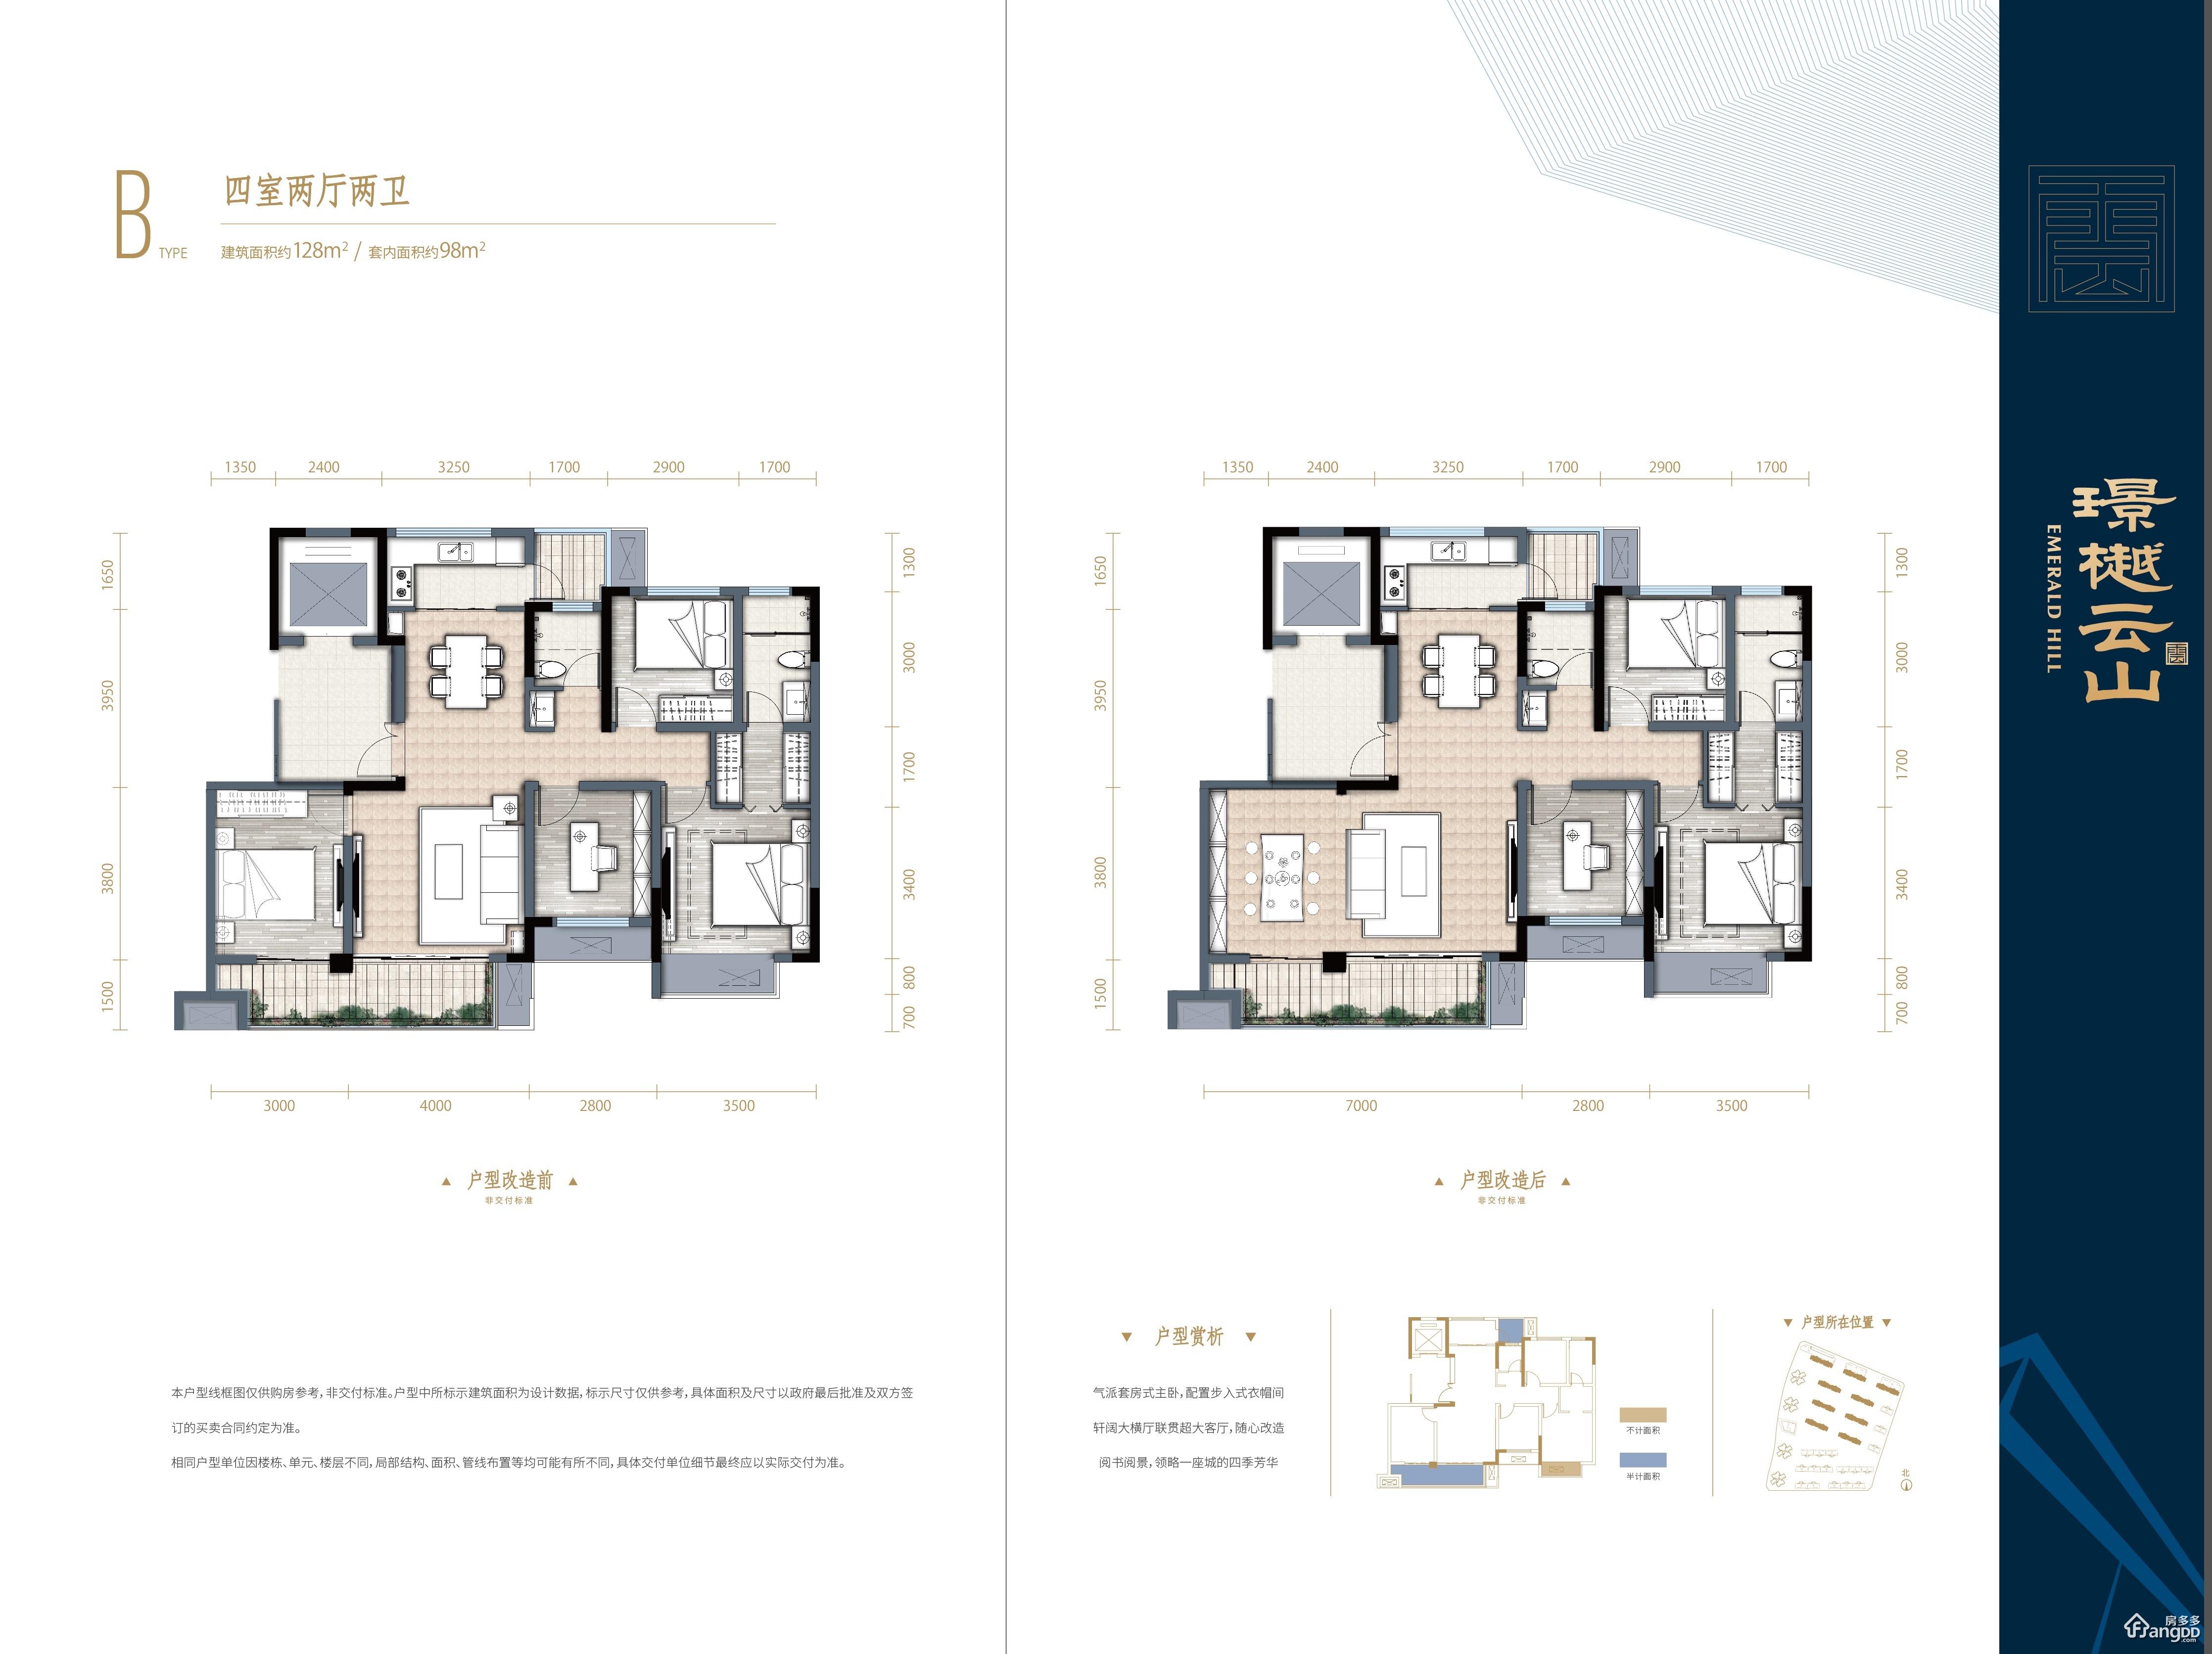 璟樾云山4室2厅2卫户型图